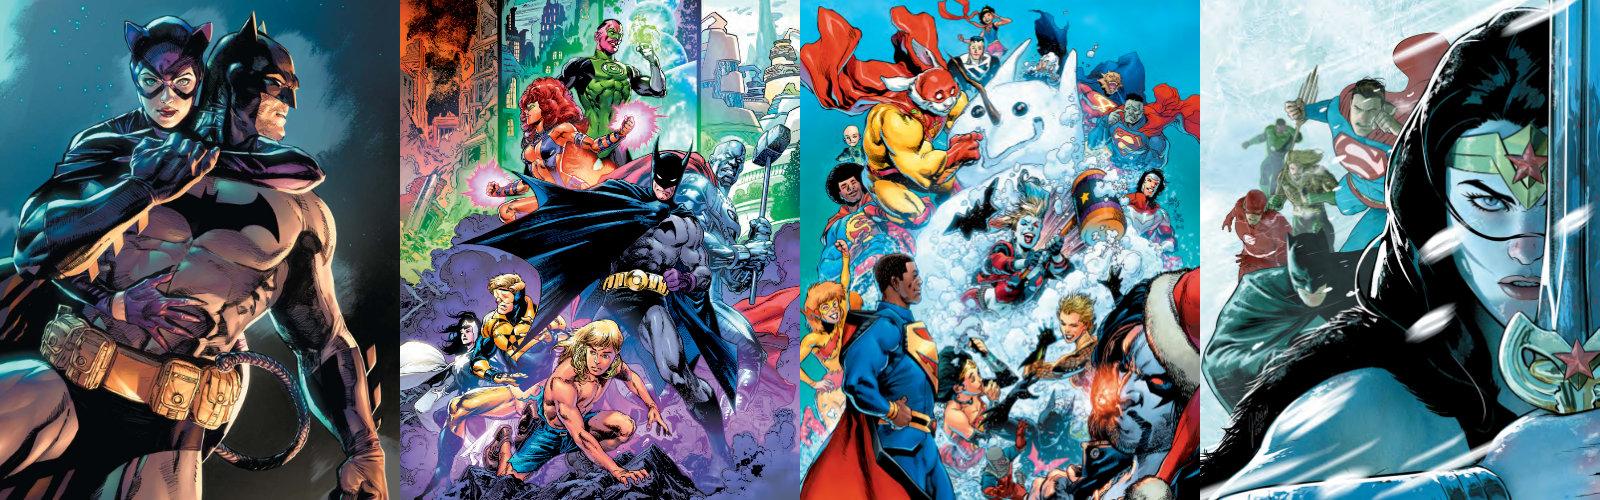 Solicitations: December 2020 – DC Comics